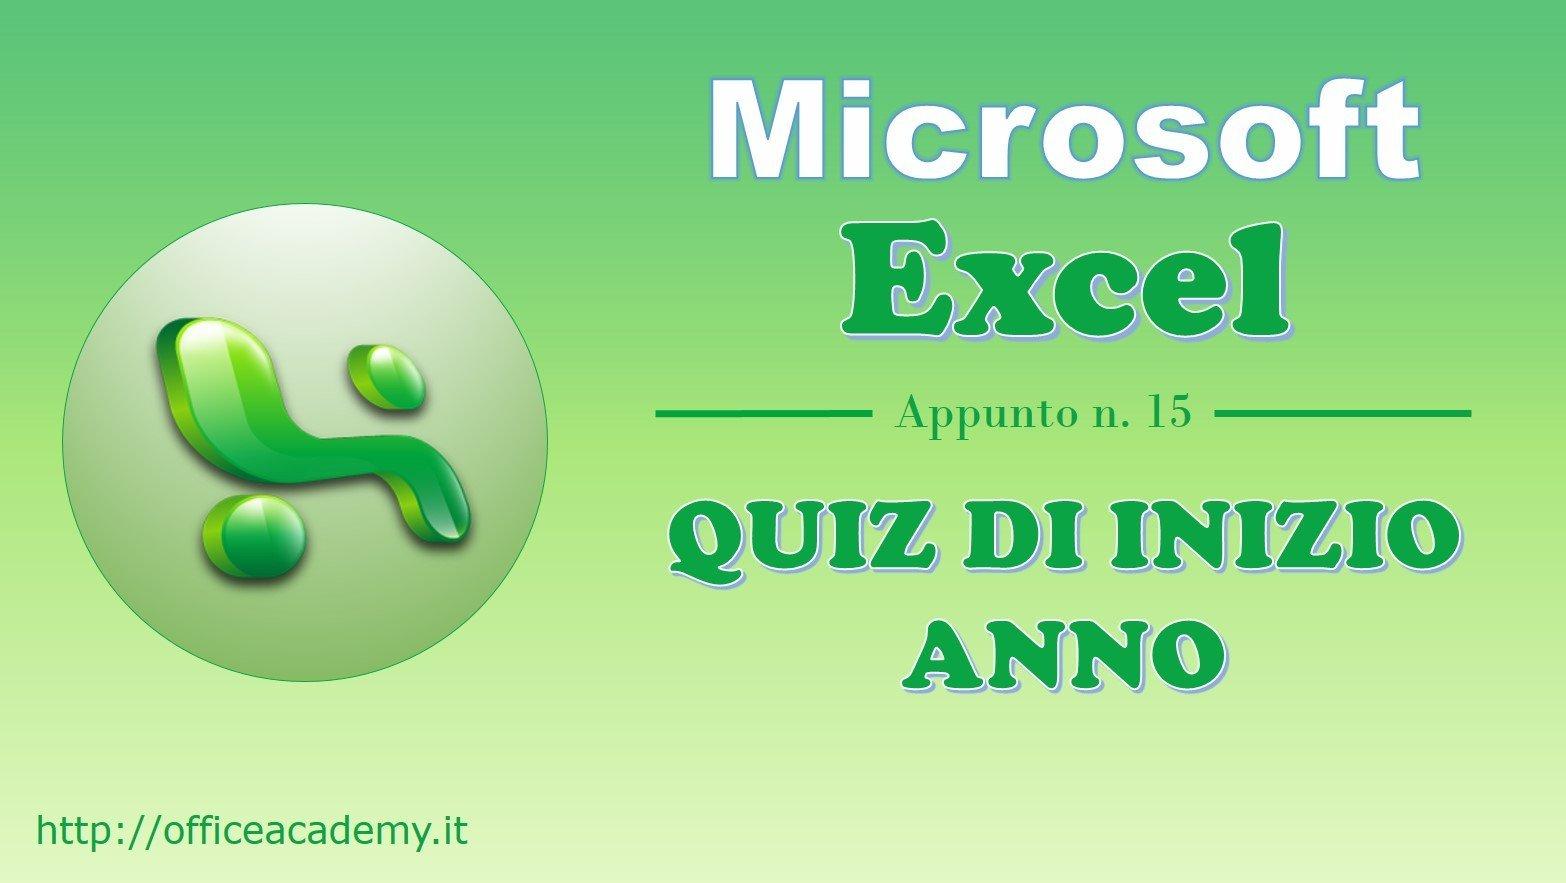 #Excel - Quiz di inizio anno 2